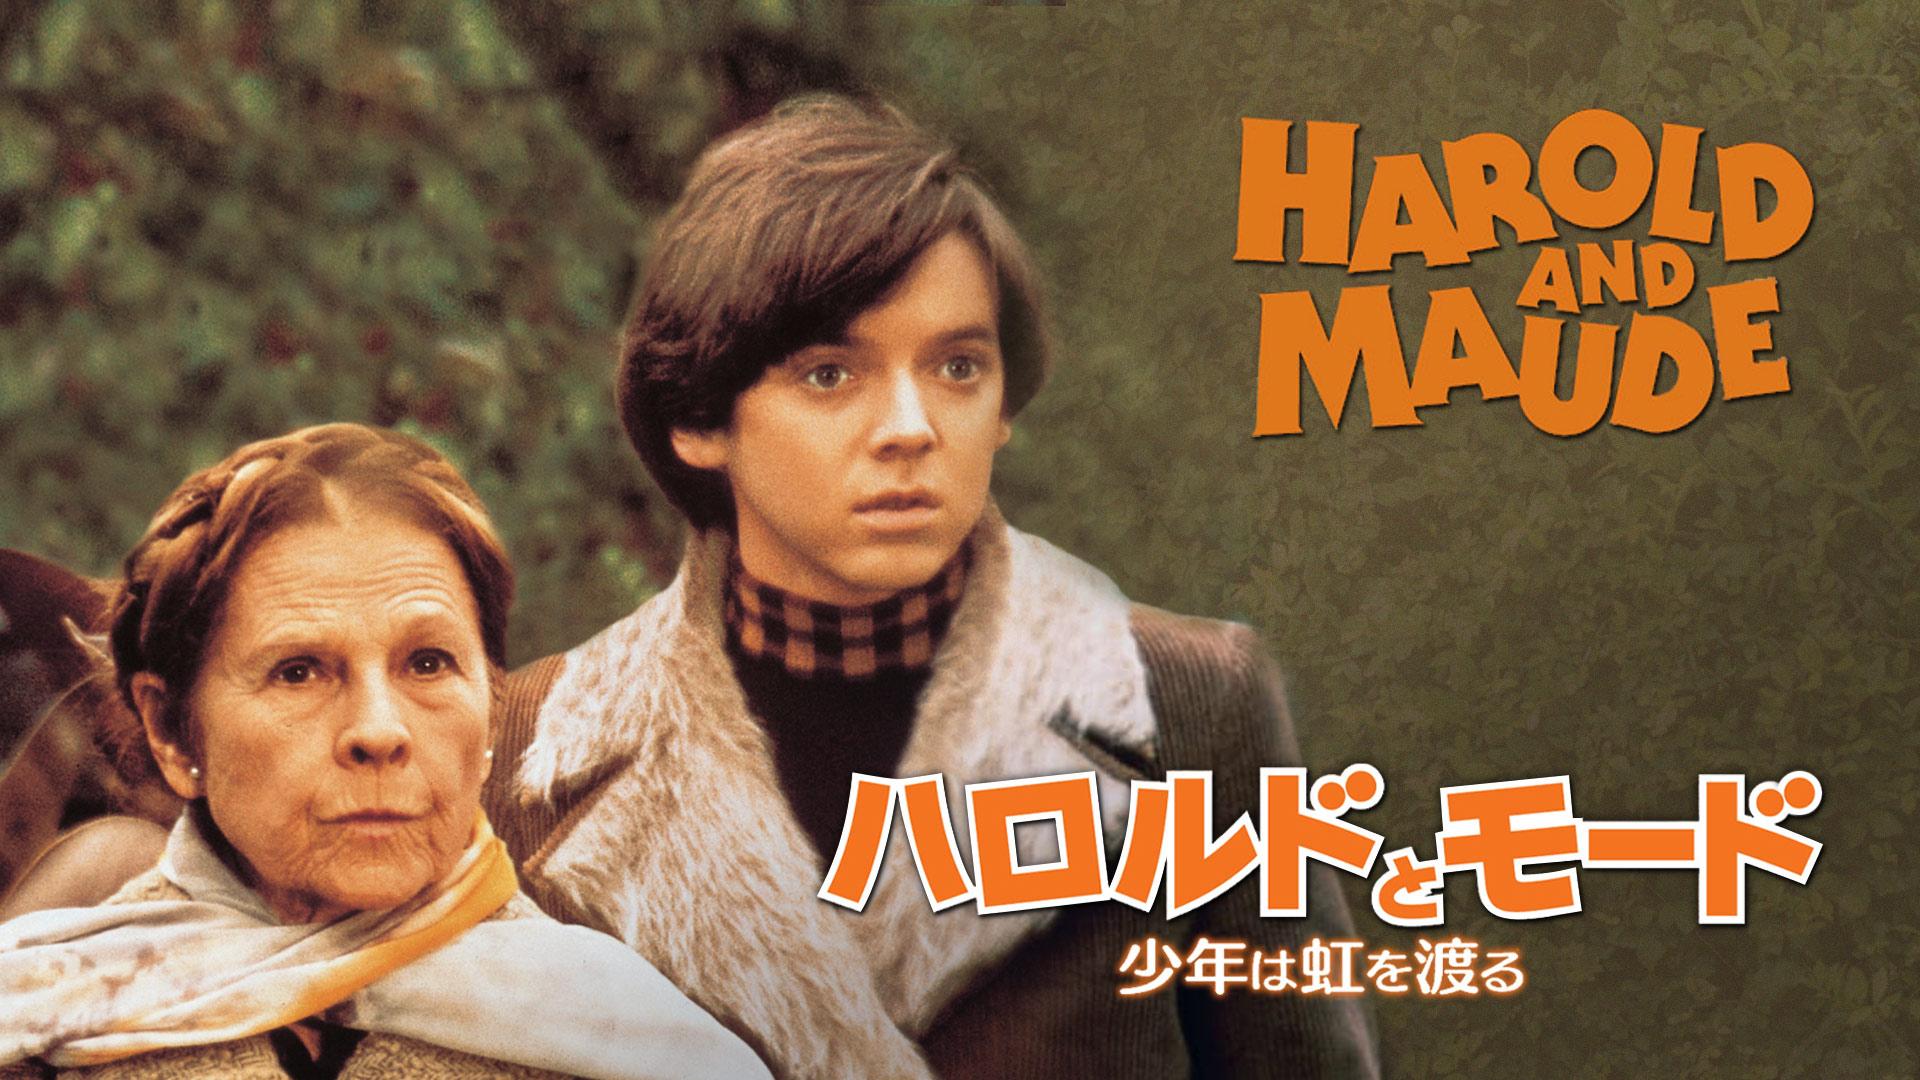 ハロルドとモード/少年は虹を渡る (字幕版)